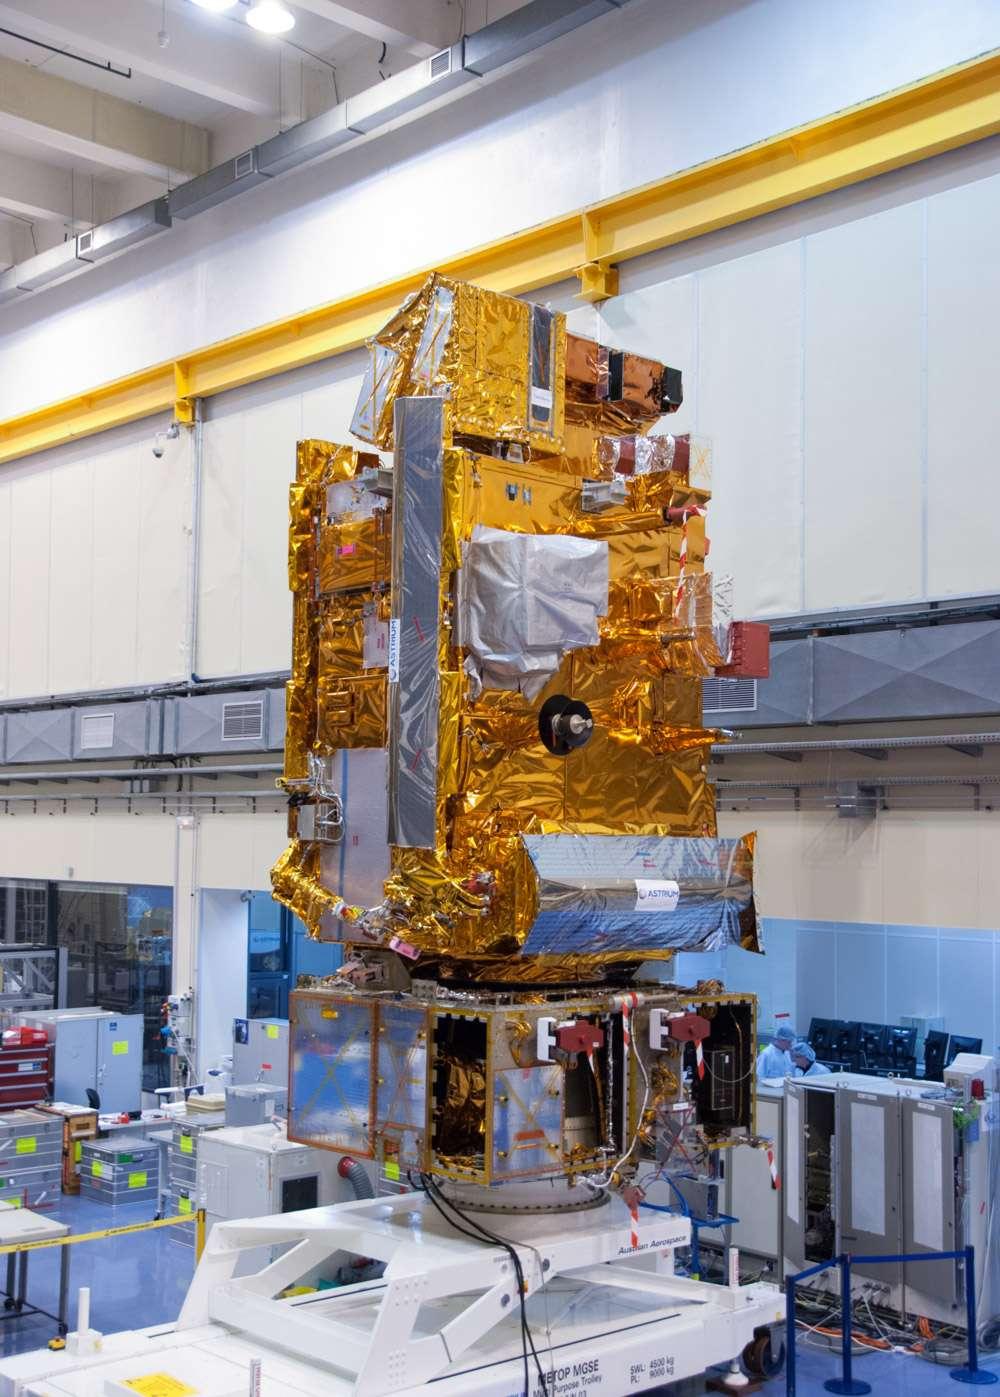 Le satellite Metop-B en phase finale d'intégration dans l'usine toulousaine d'Astrium, en novembre 2011. Le troisième satellite de la série, Metop-C, sera lancé en 2018. © Rémy Decourt